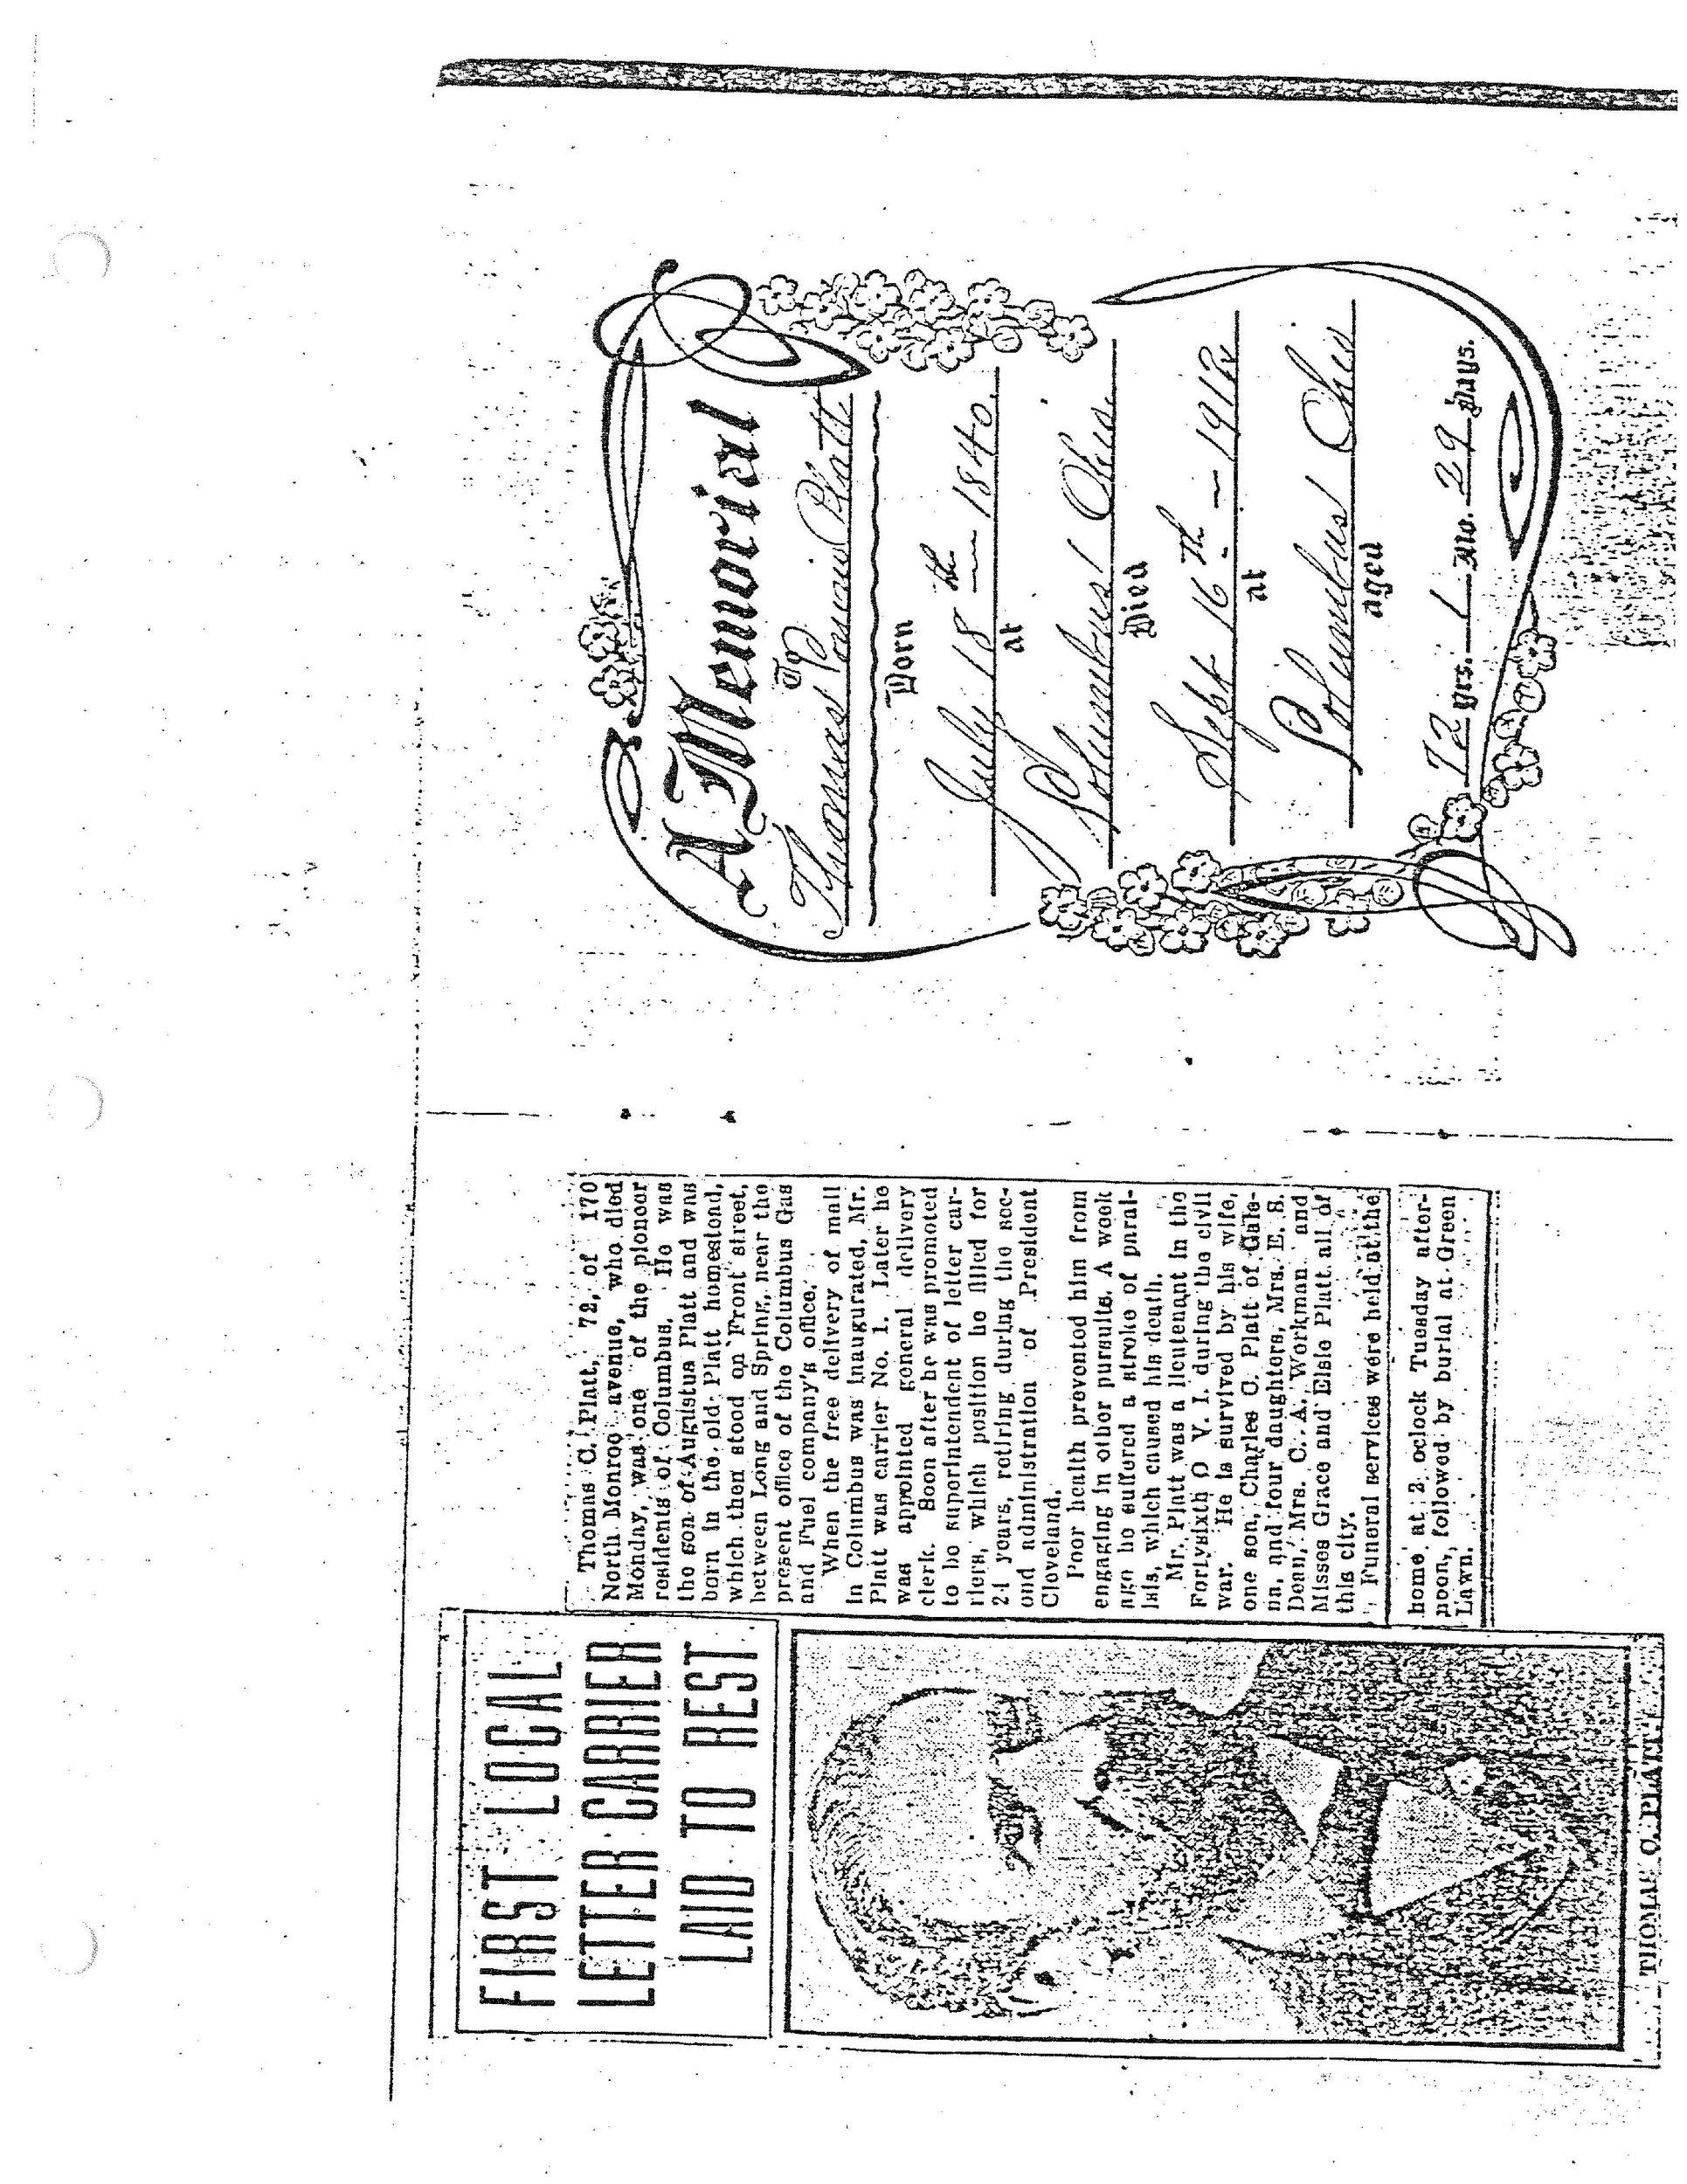 branch 78 history page-0005.jpg